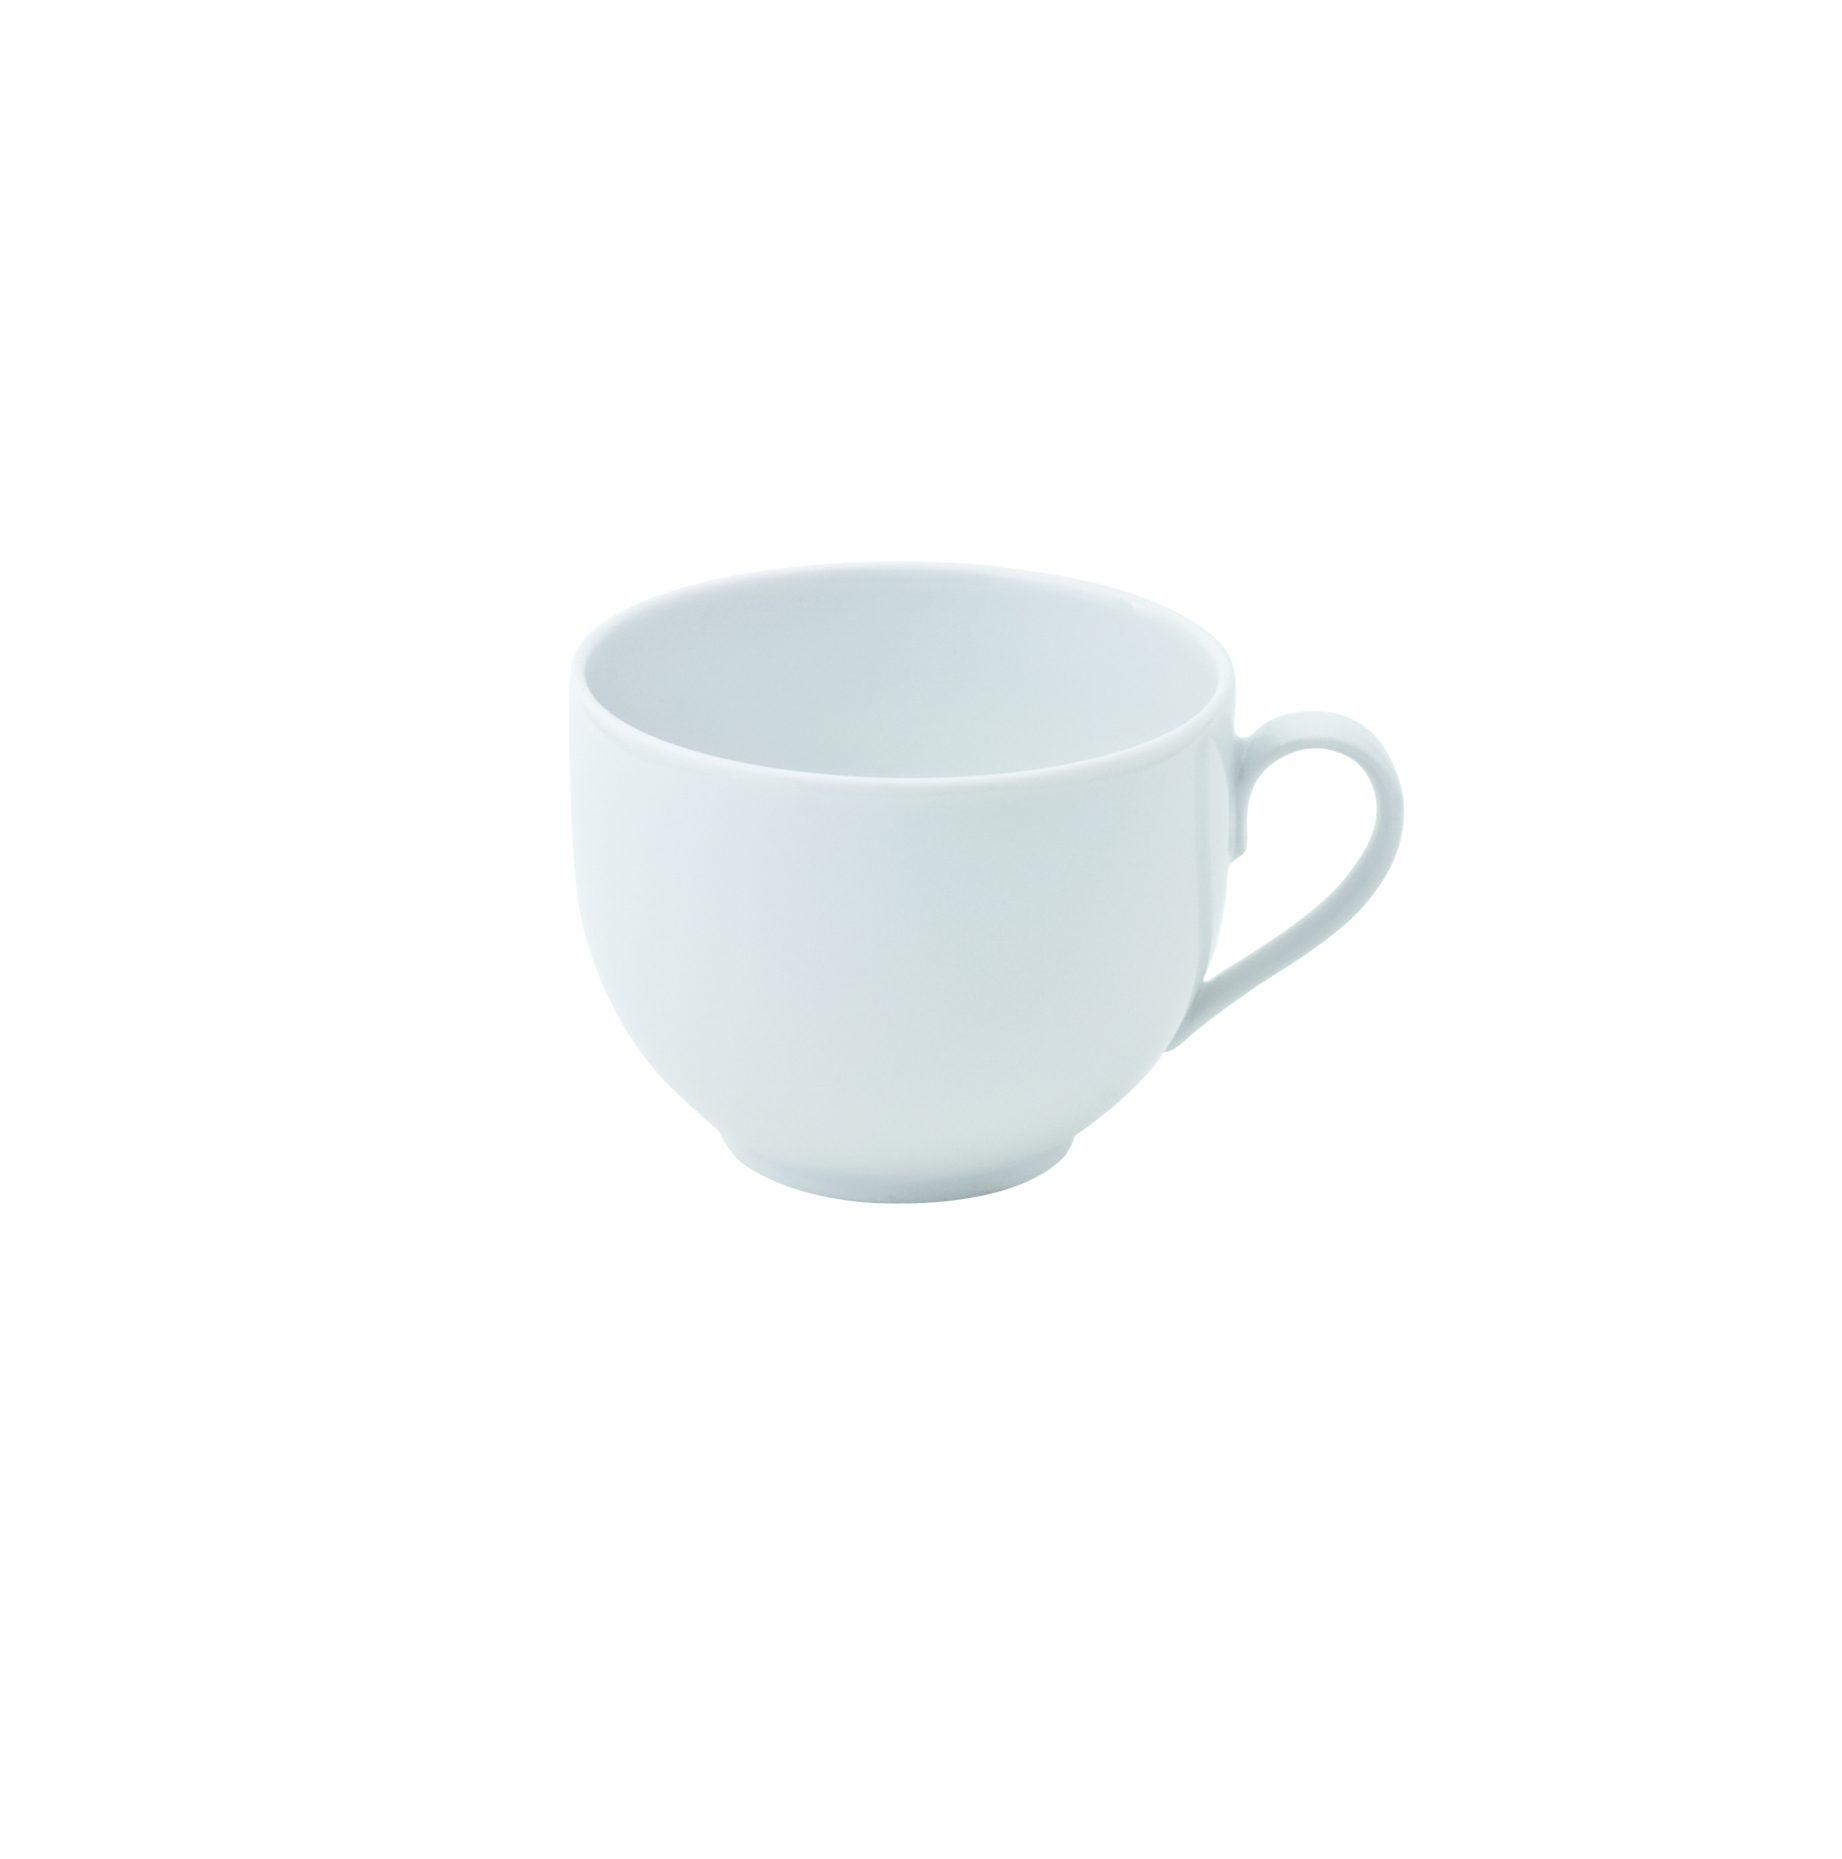 Kahla Kaffee-Obertasse »Aronda«